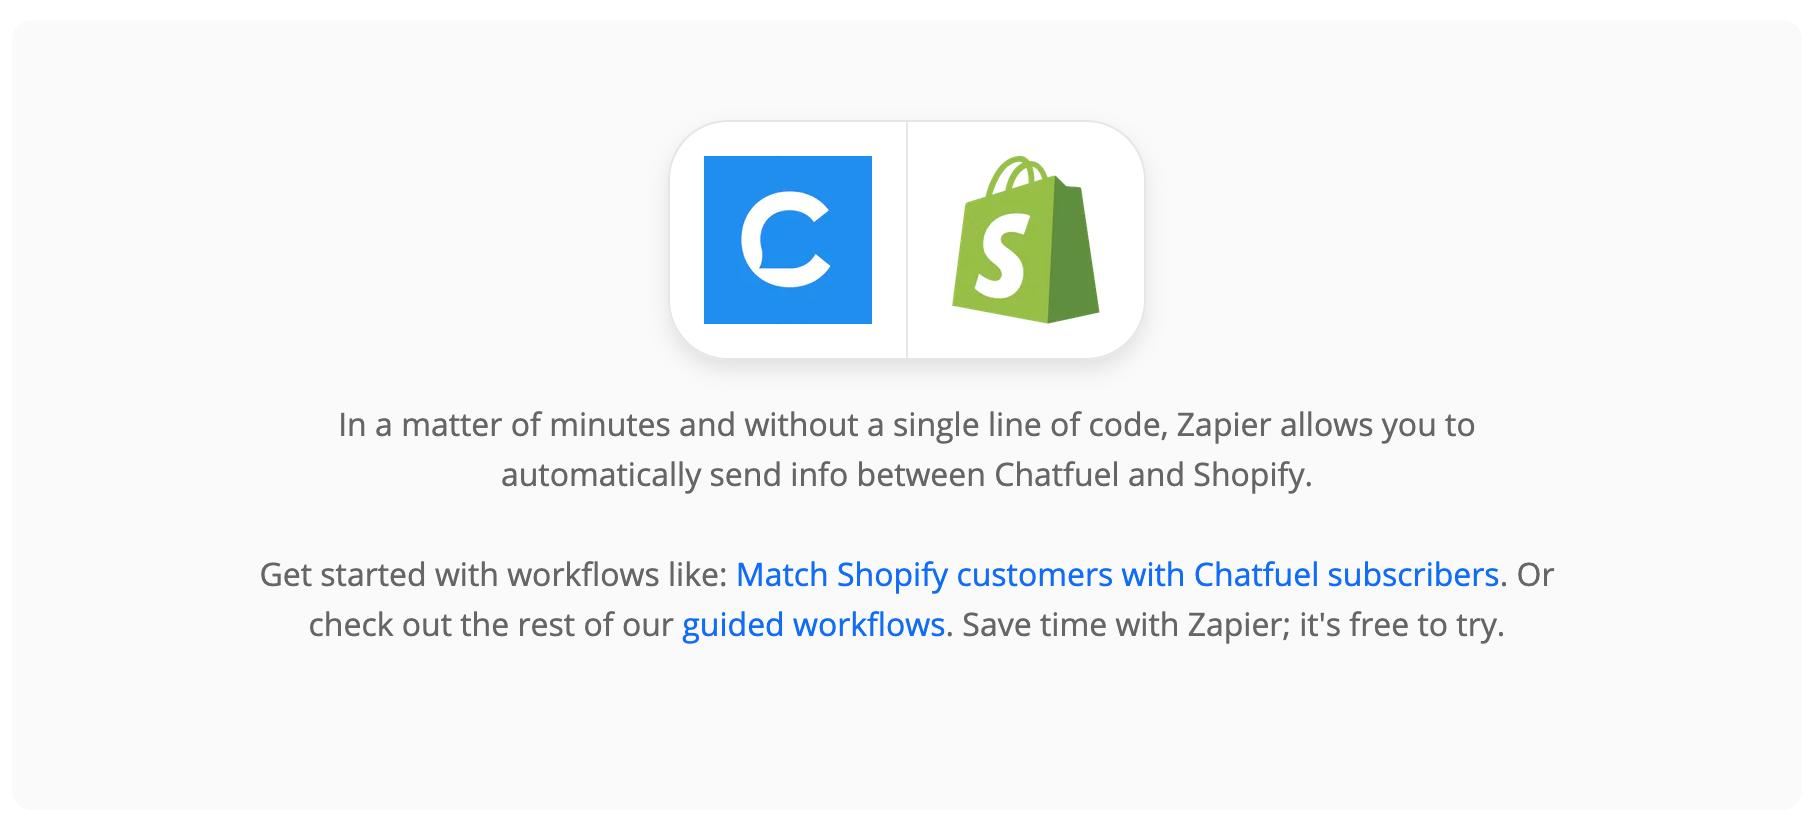 chatfuel shopify